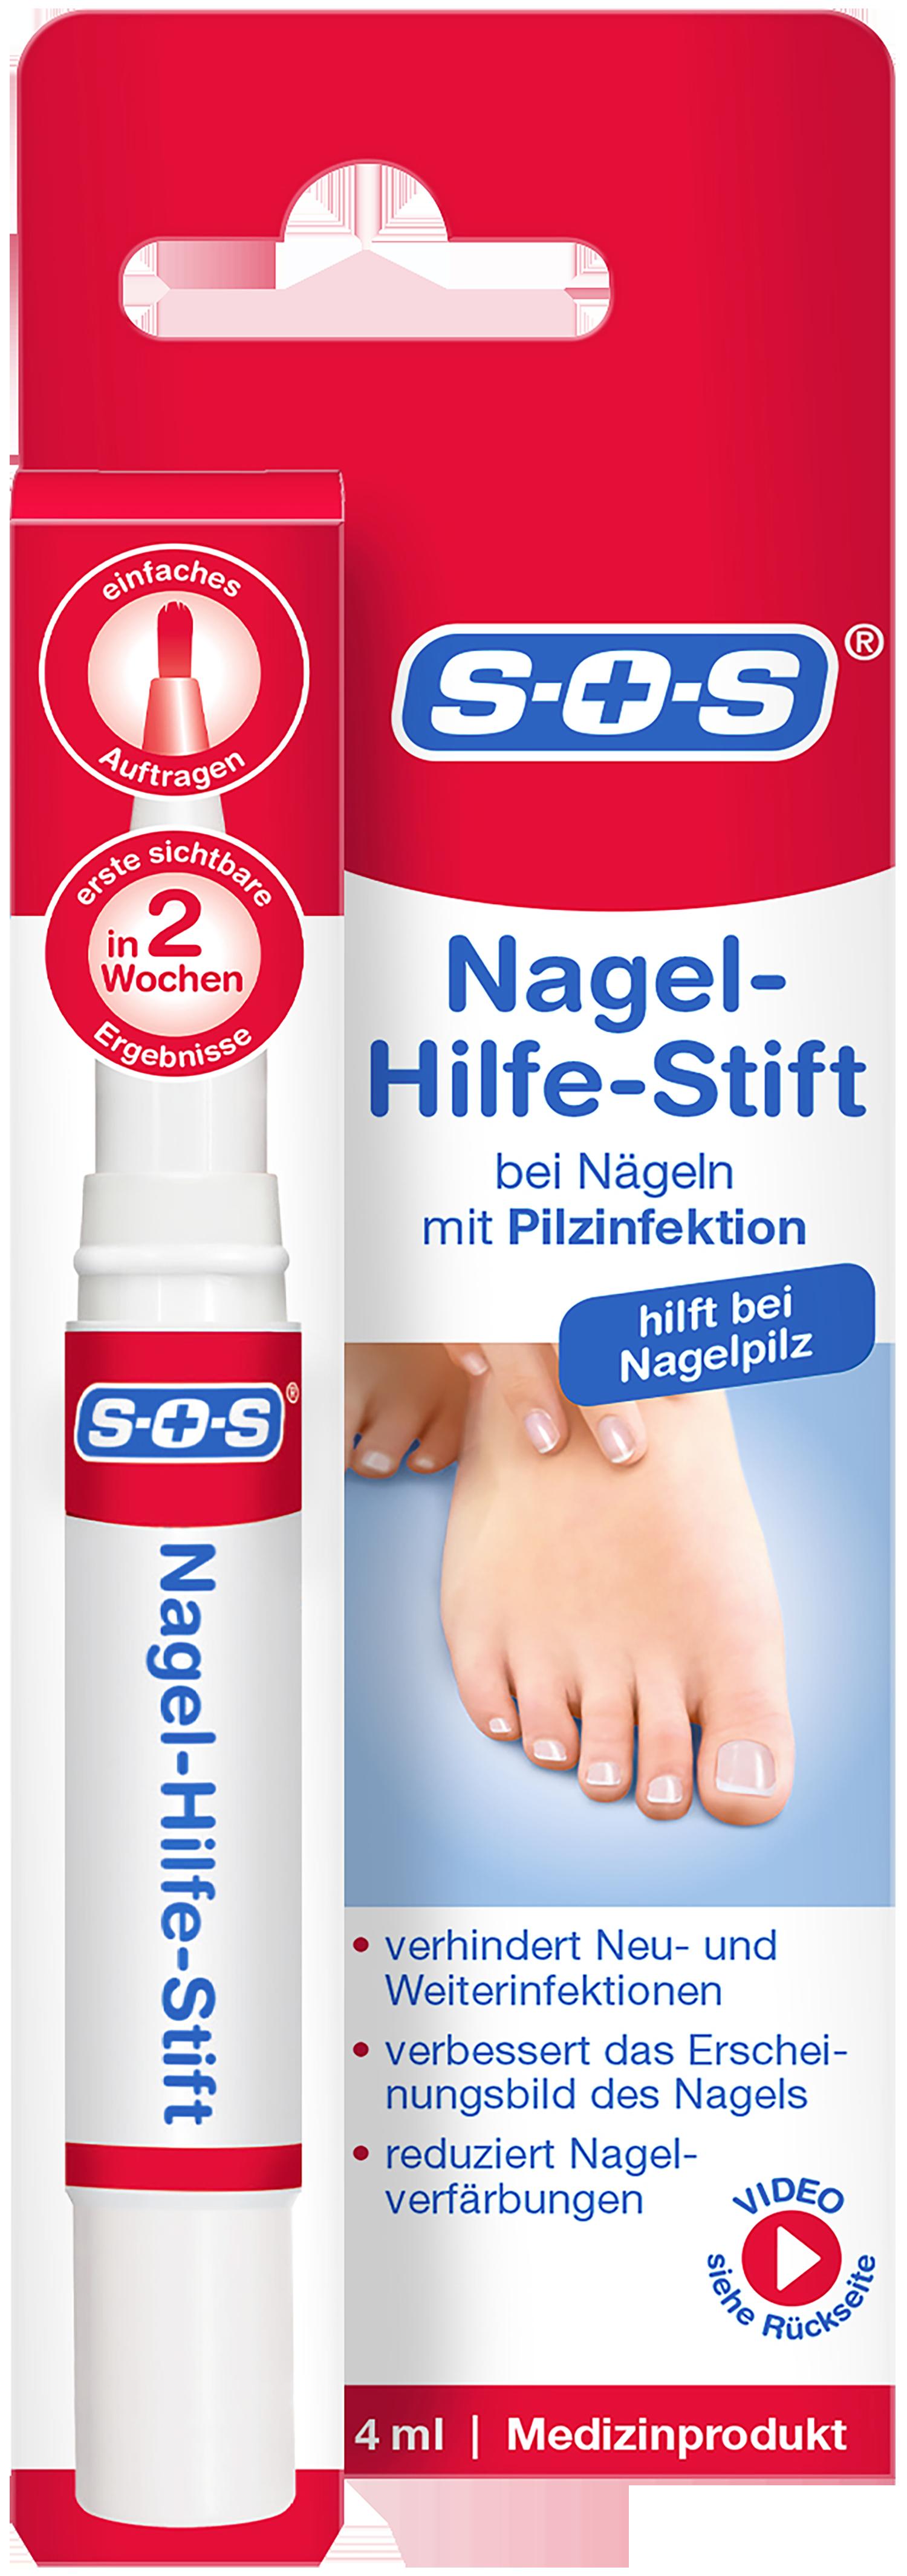 Für rundum gesunde Füße: SOS Warzen-Ex und SOS Nagelhilfe-Stifte ...